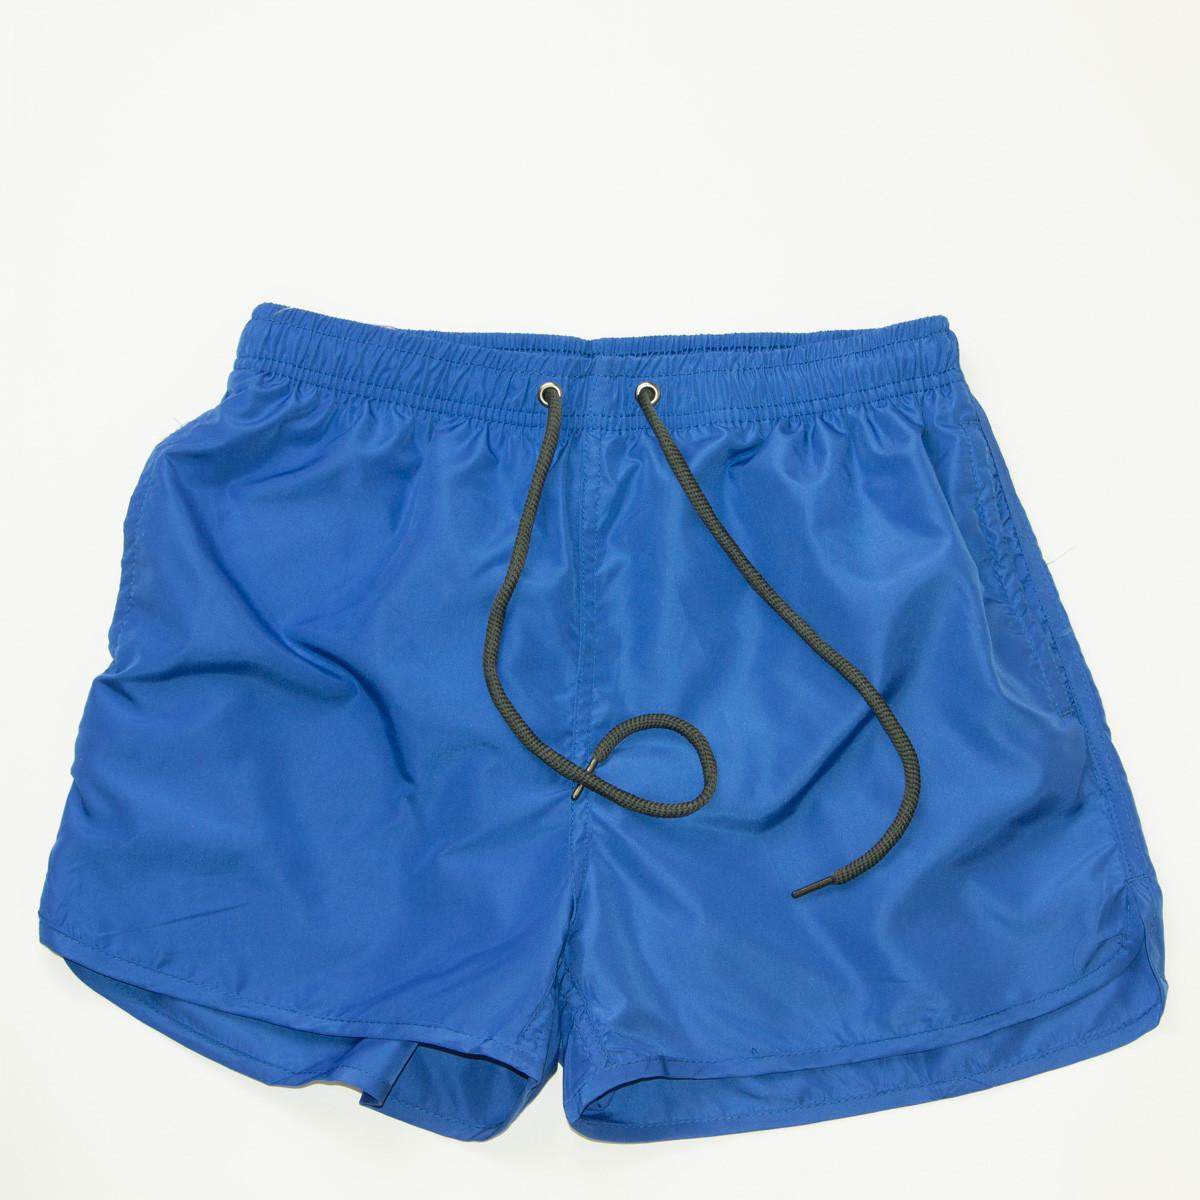 Детские пляжные шорты для купания (арт. 20159-А) синие